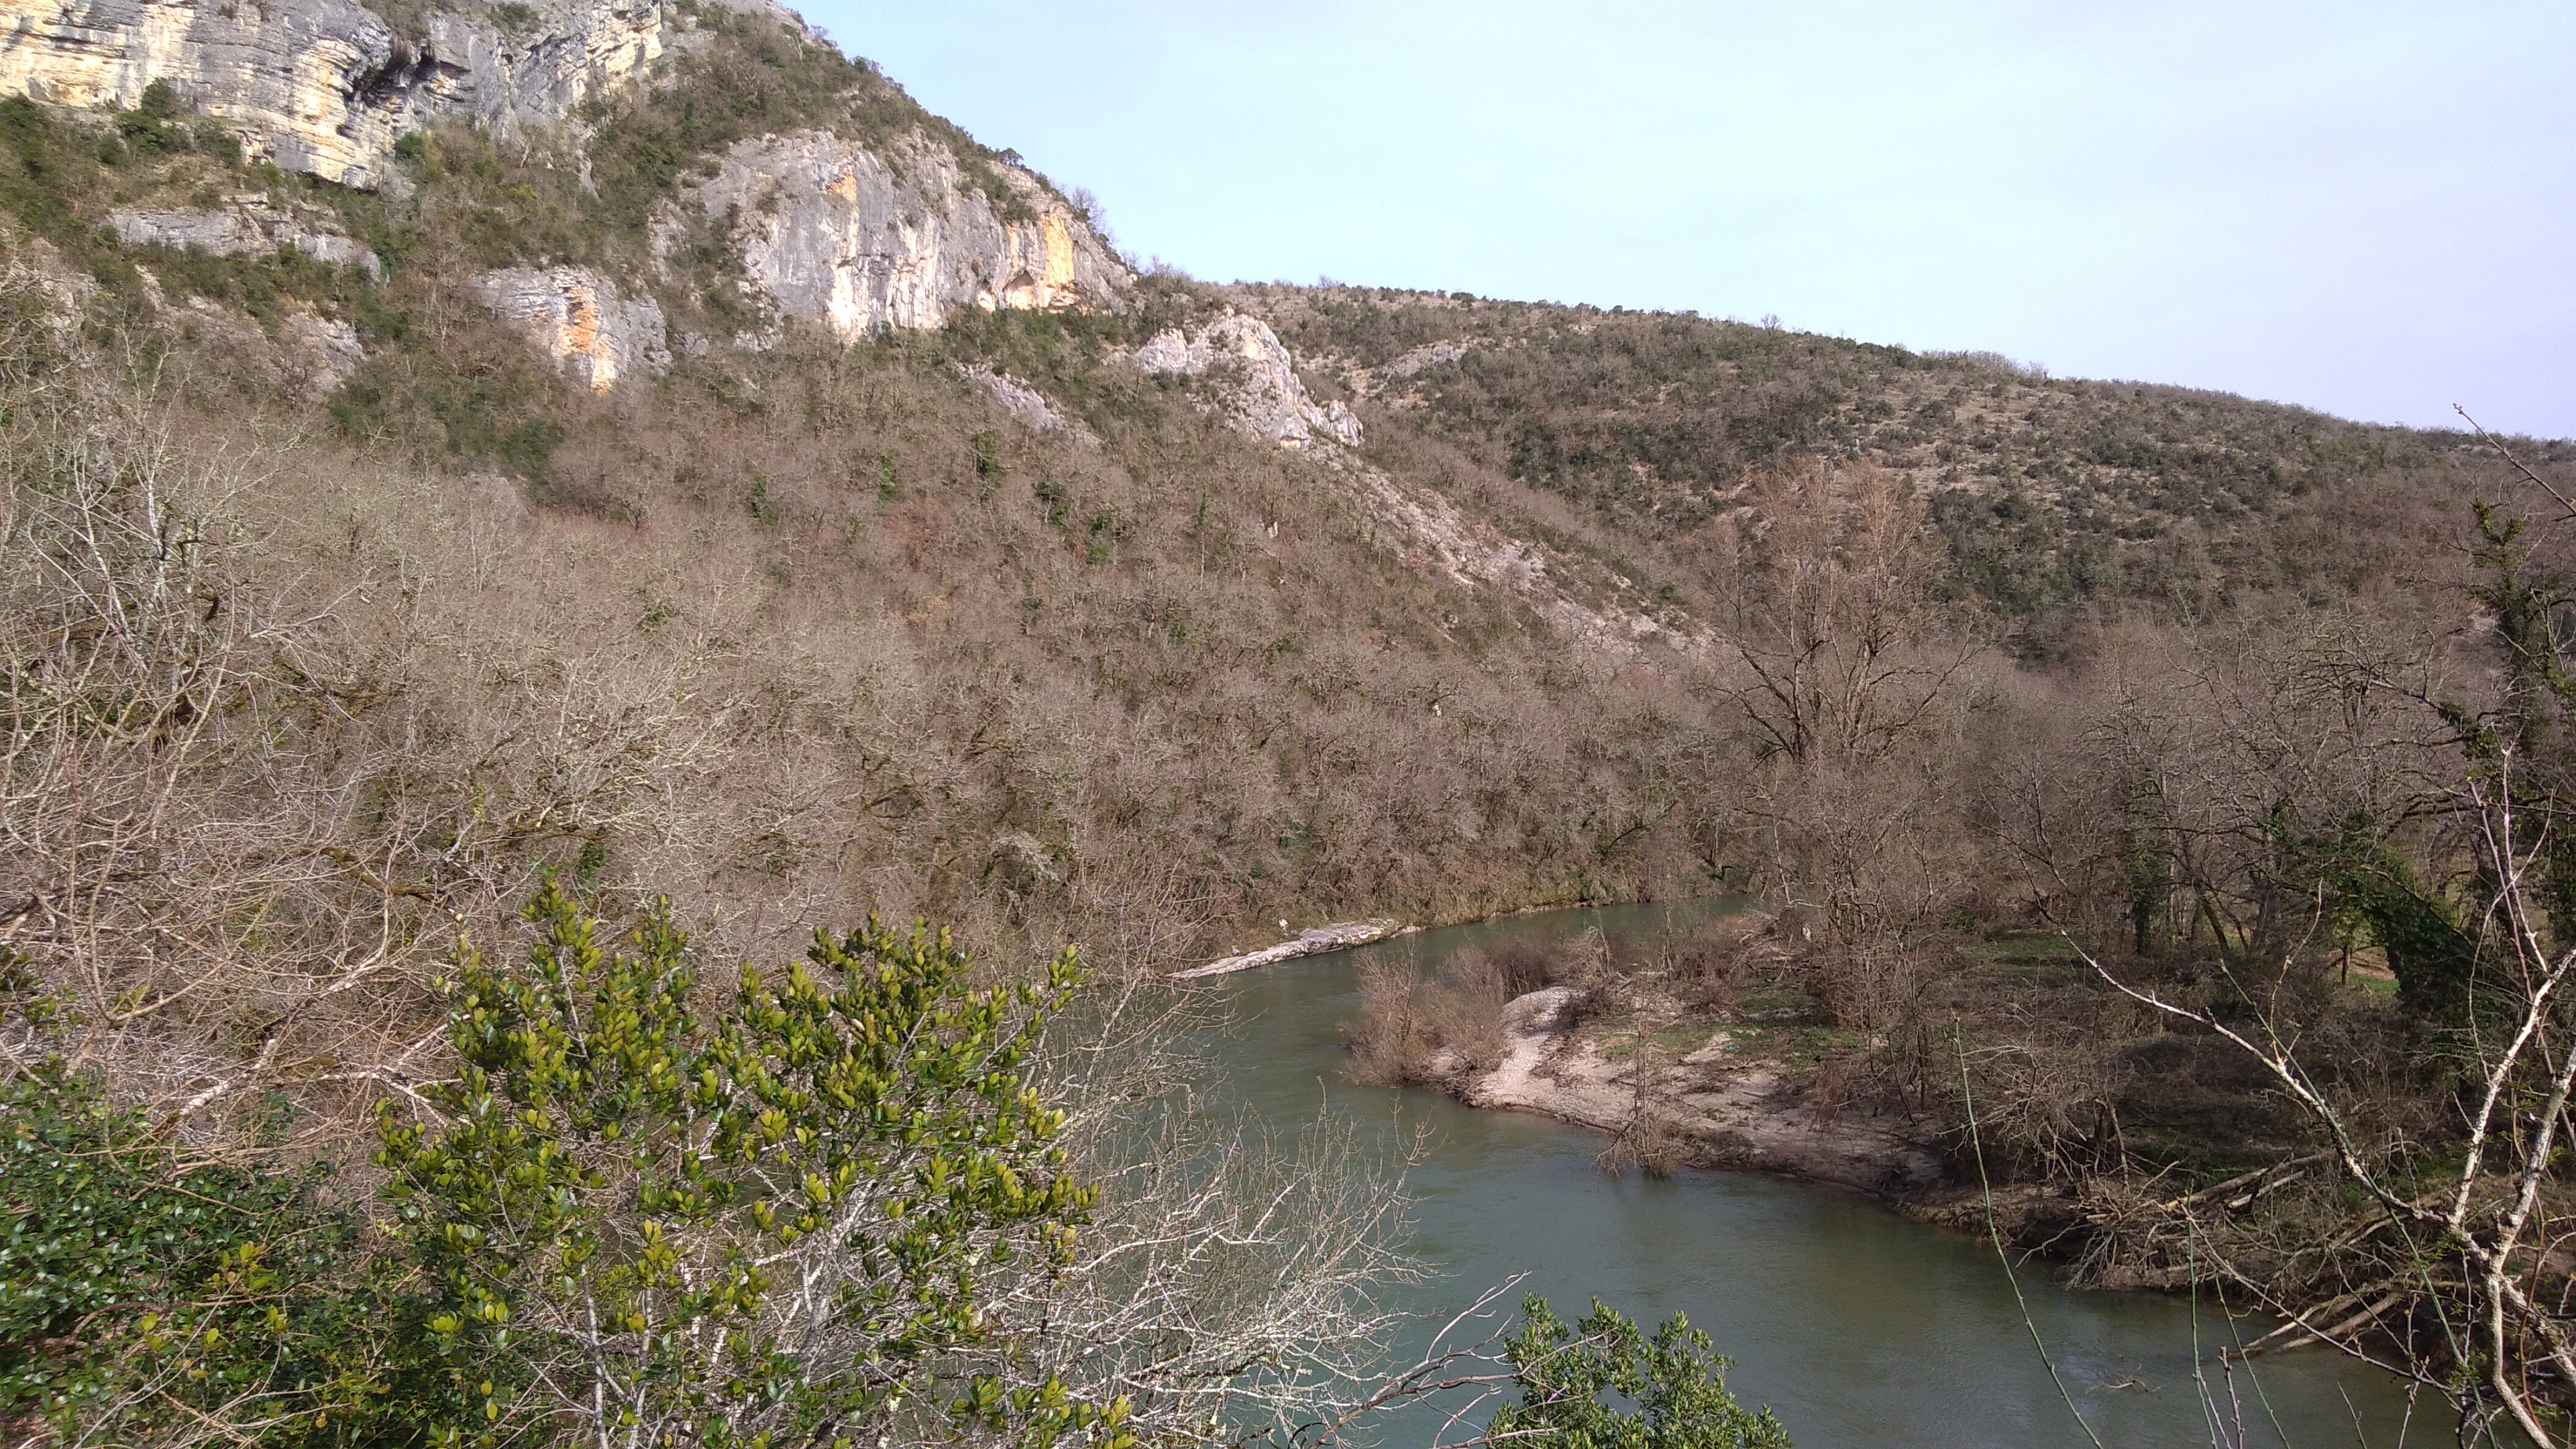 L'Aveyron a regagné son lit après les fortes pluies de ces derniers jours.